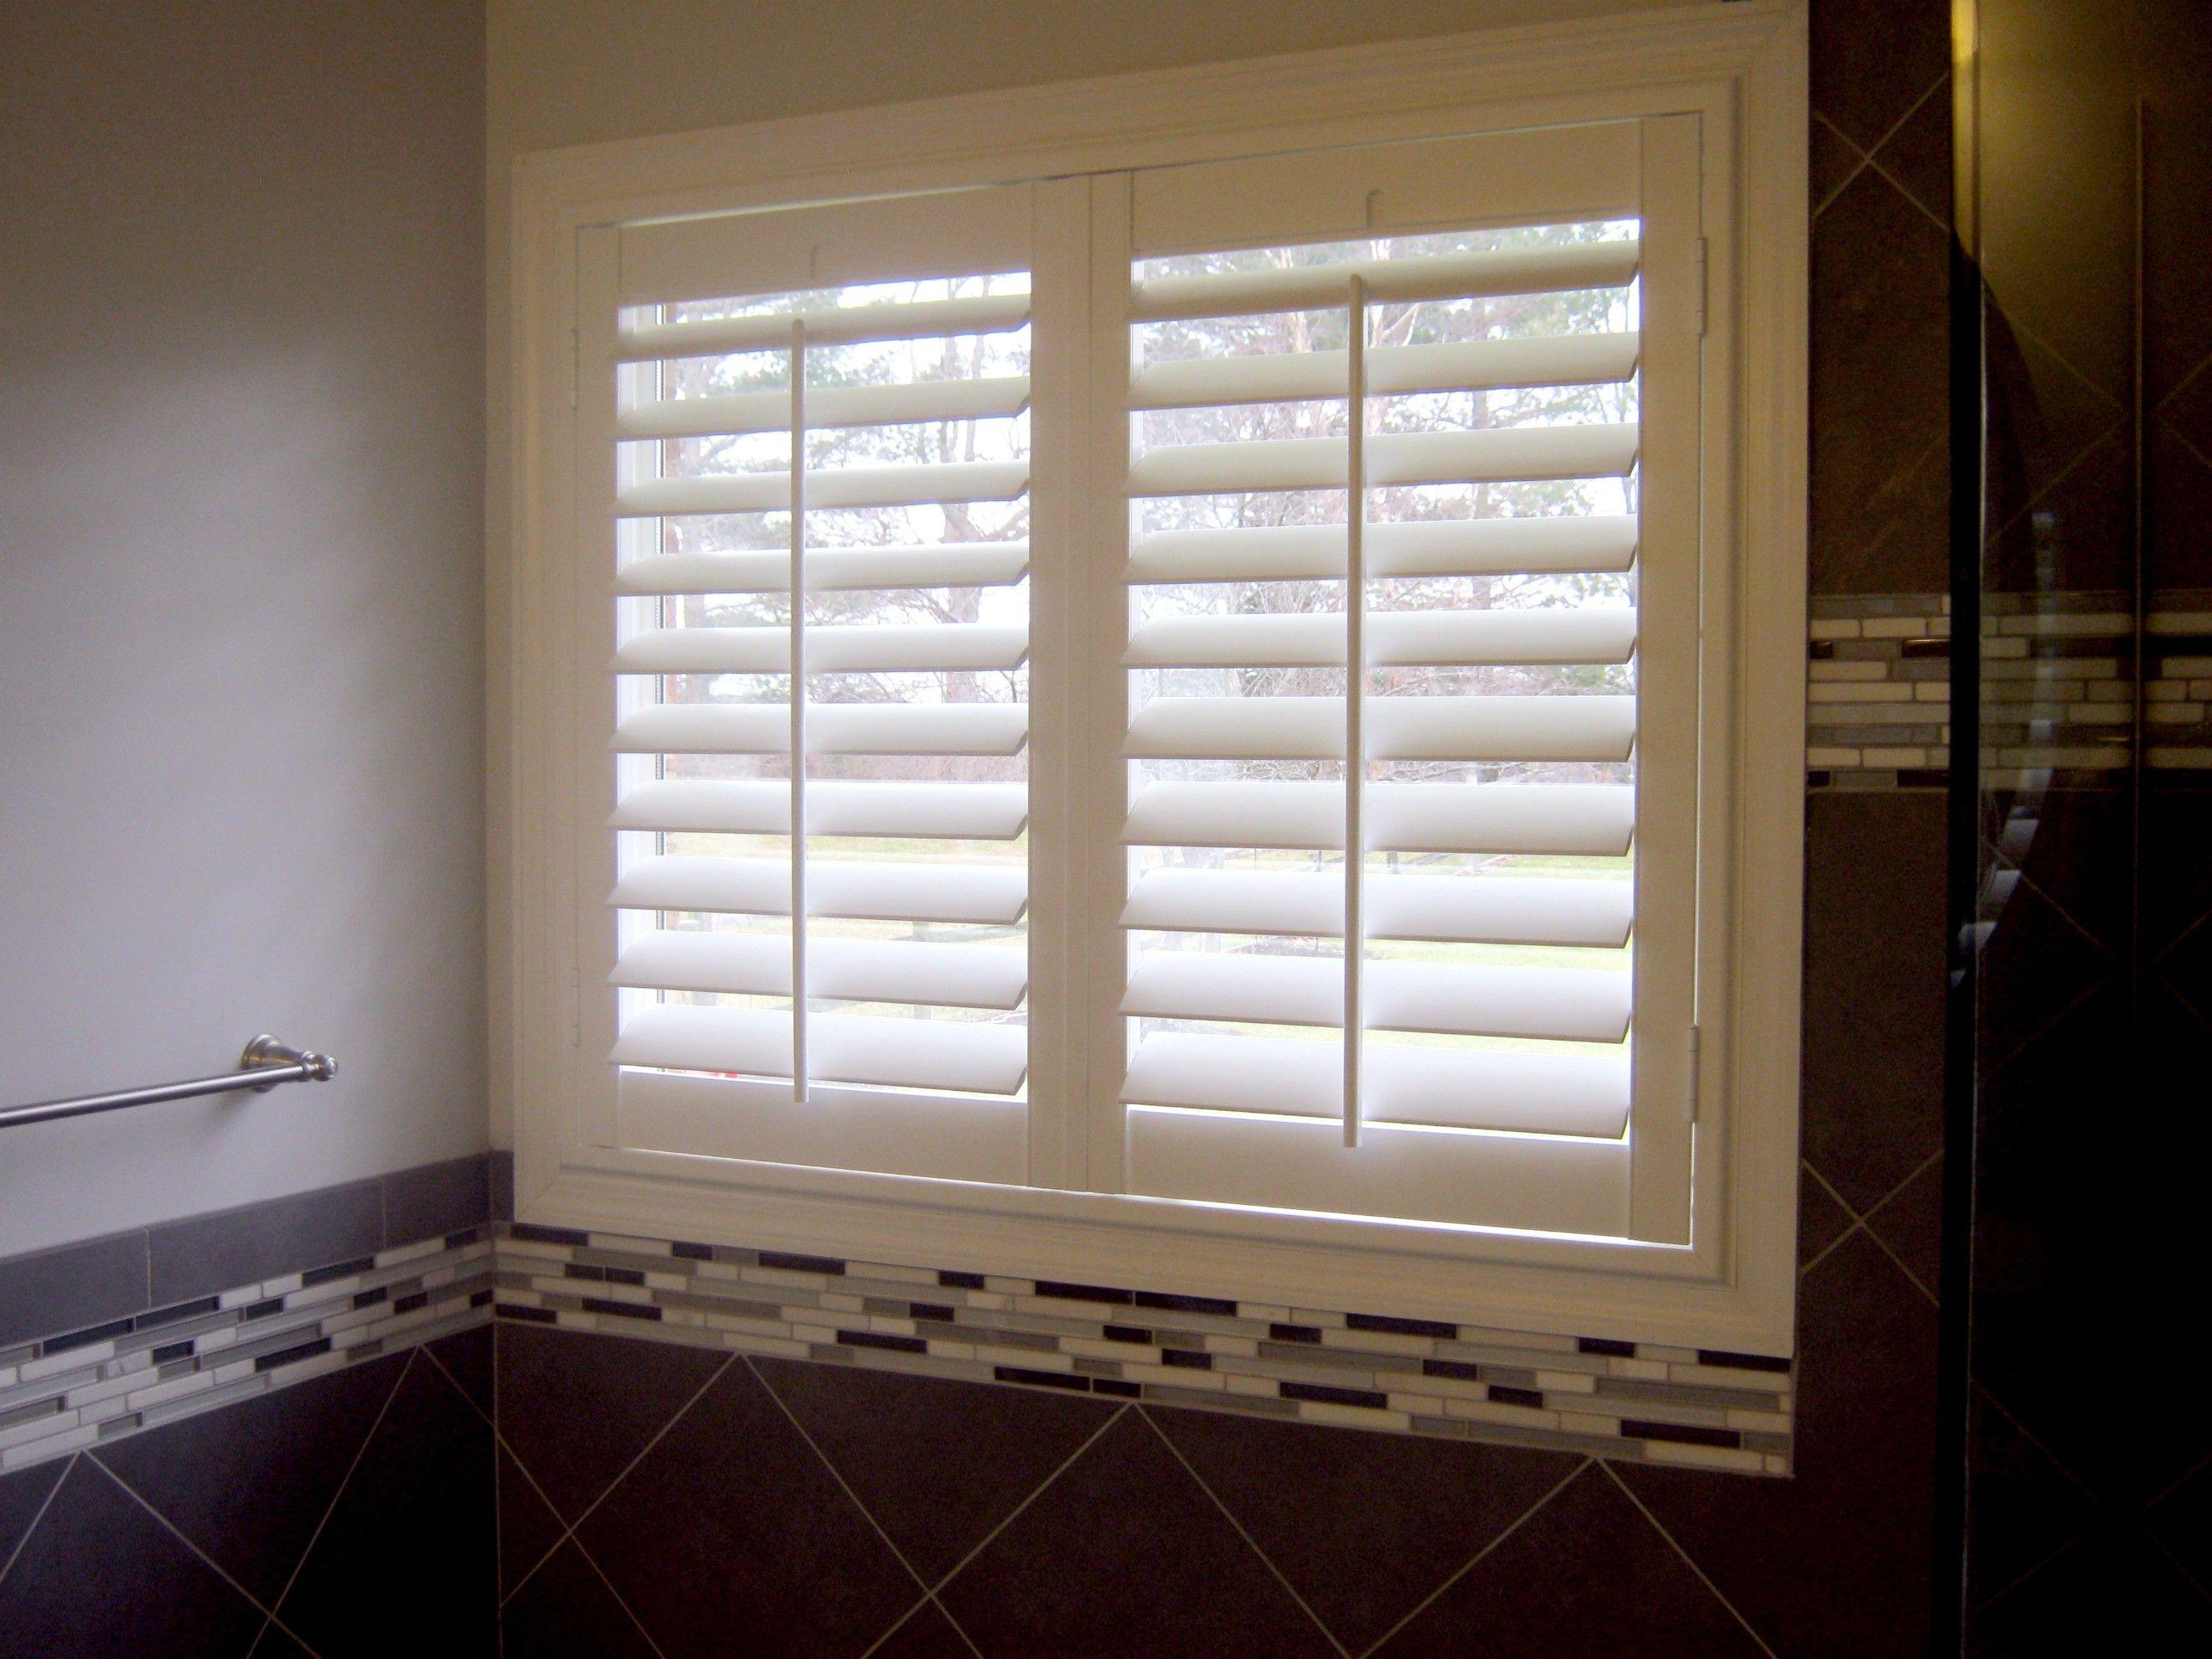 Fenster Schabracken Roll Up Schattierungen Am Besten Jalousien Fur Badezimmer Fenster Jalousien Und Schatt Badezimmer Ohne Fenster Moderne Fenster Badezimmer